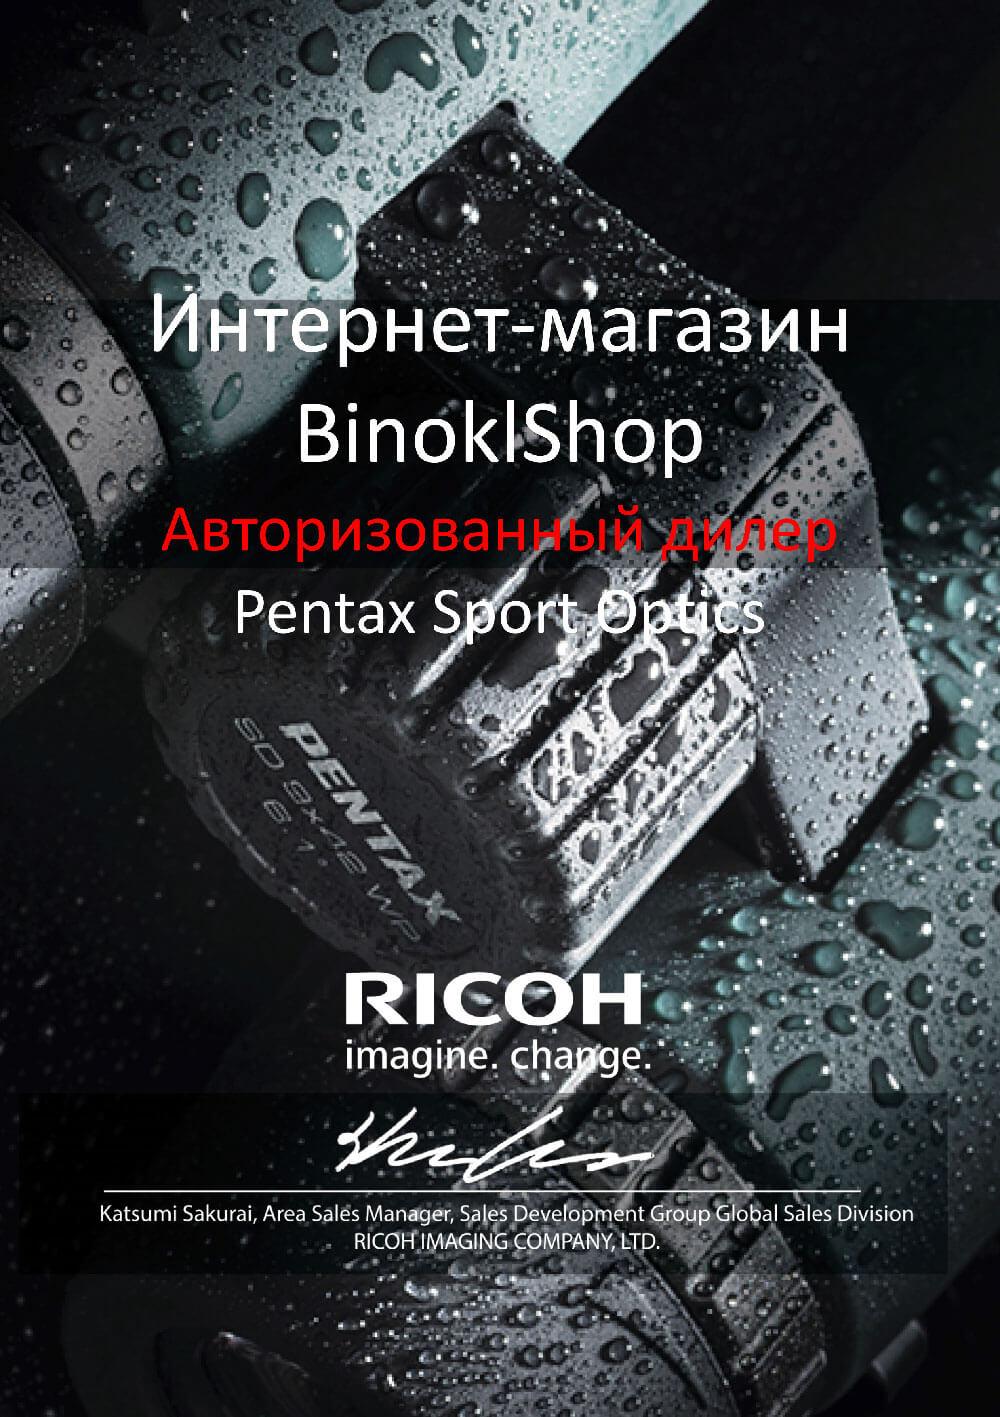 Сертификат официального дилера Pentax